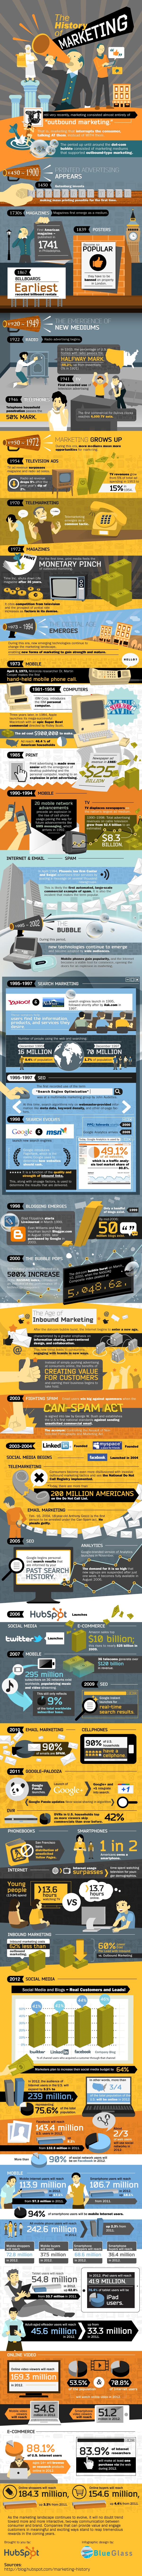 une brève histoire du marketing en images et en chiffres